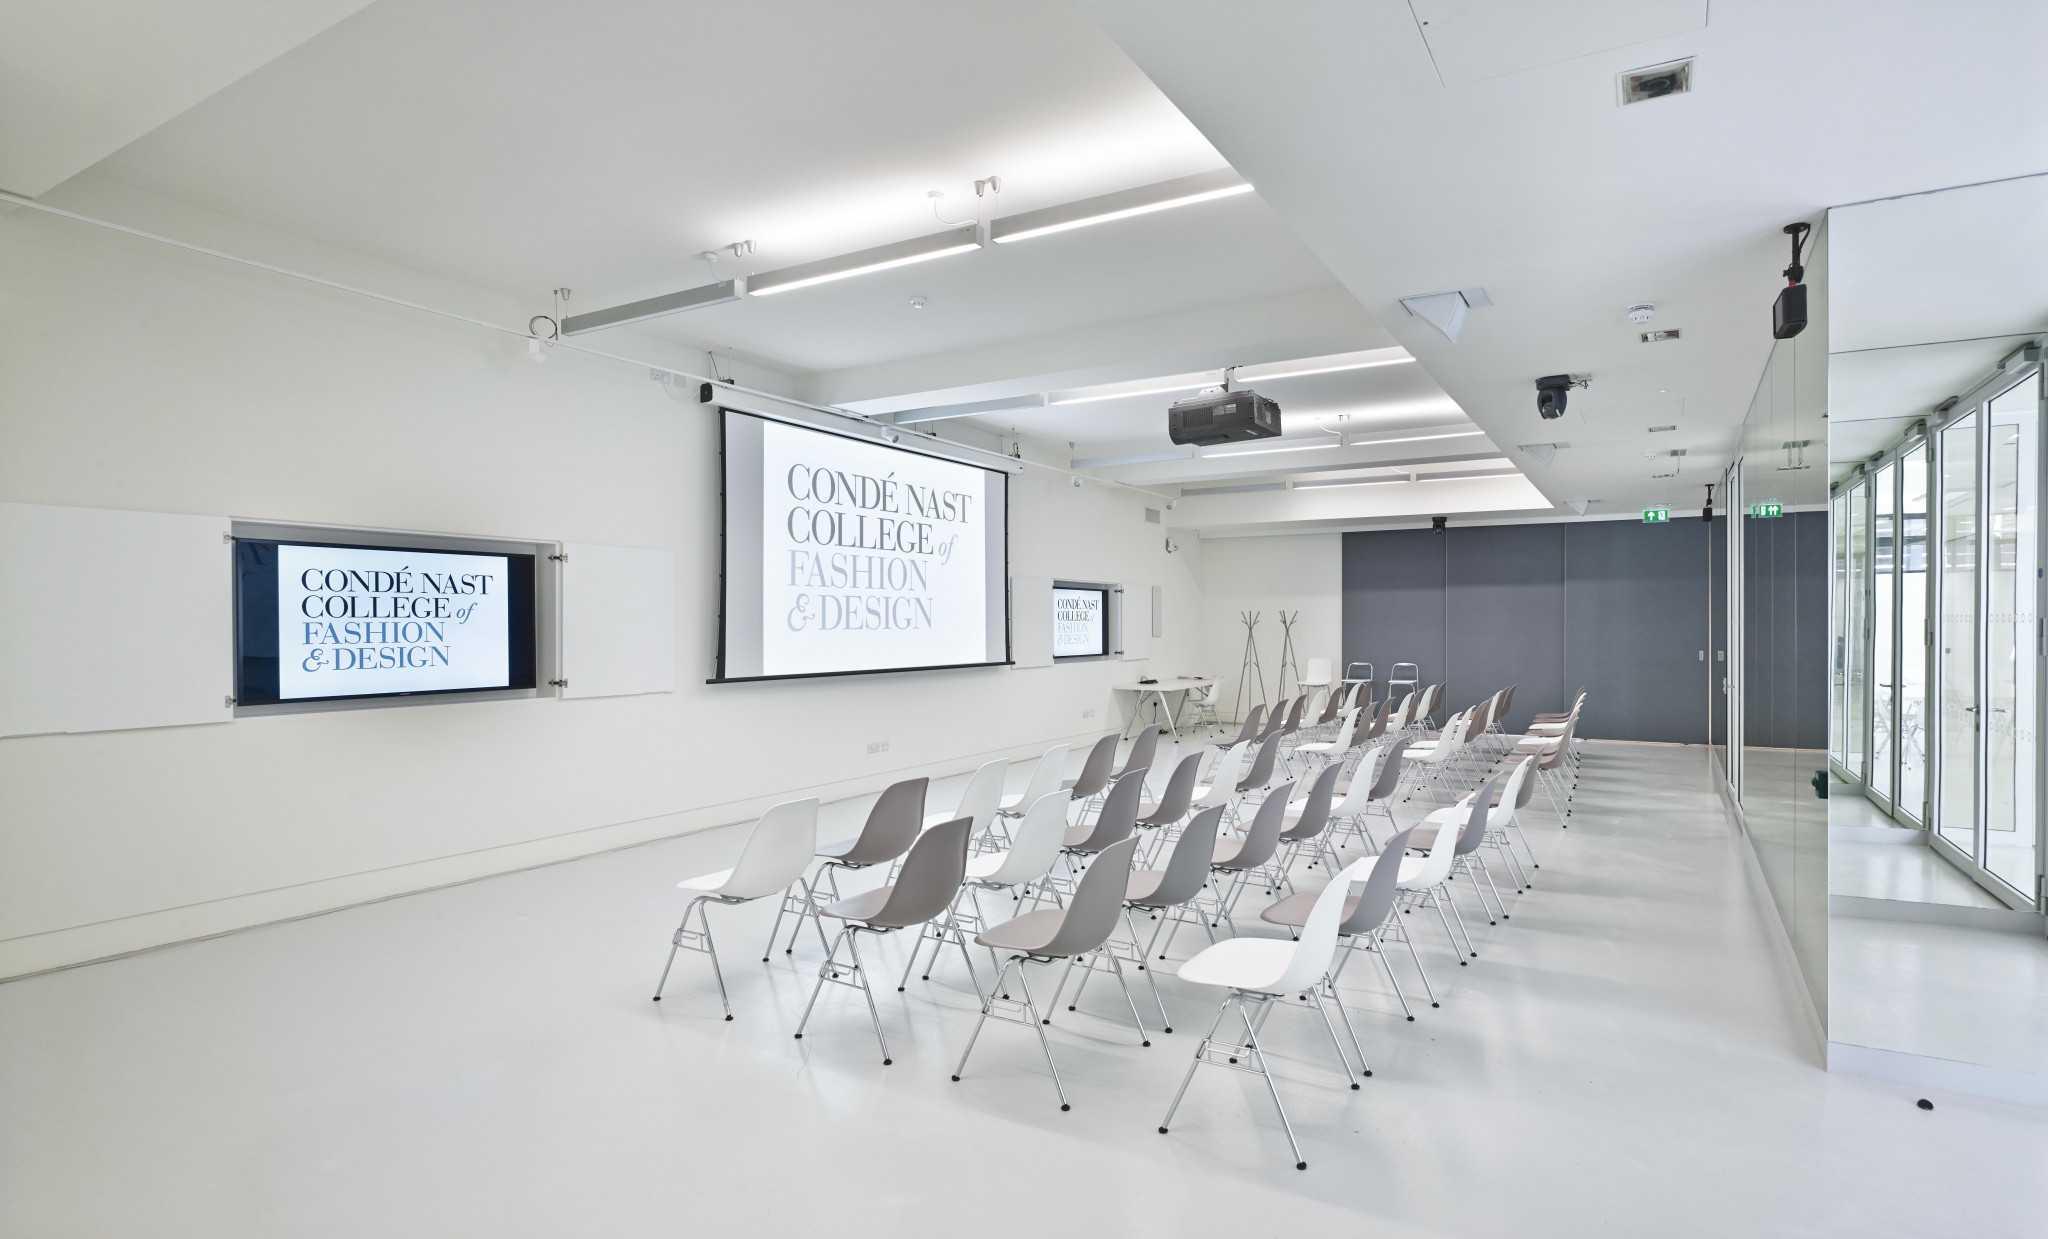 Hire Conde Nast College Of Fashion Design 3 Amazing Event Spaces Venue Search London